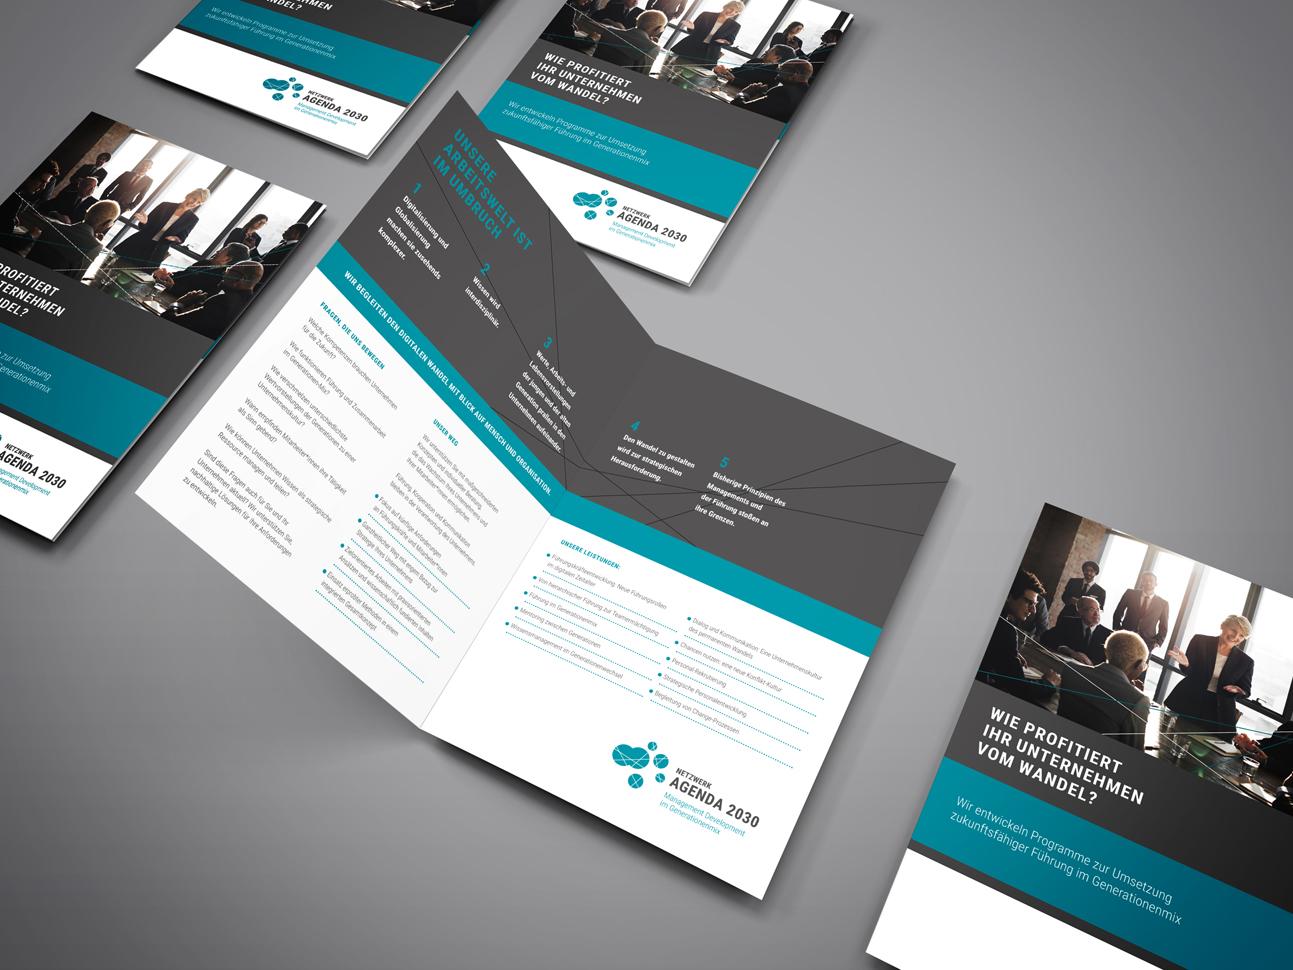 martin zech design, corporate design, agenda 2030, infobroschüre